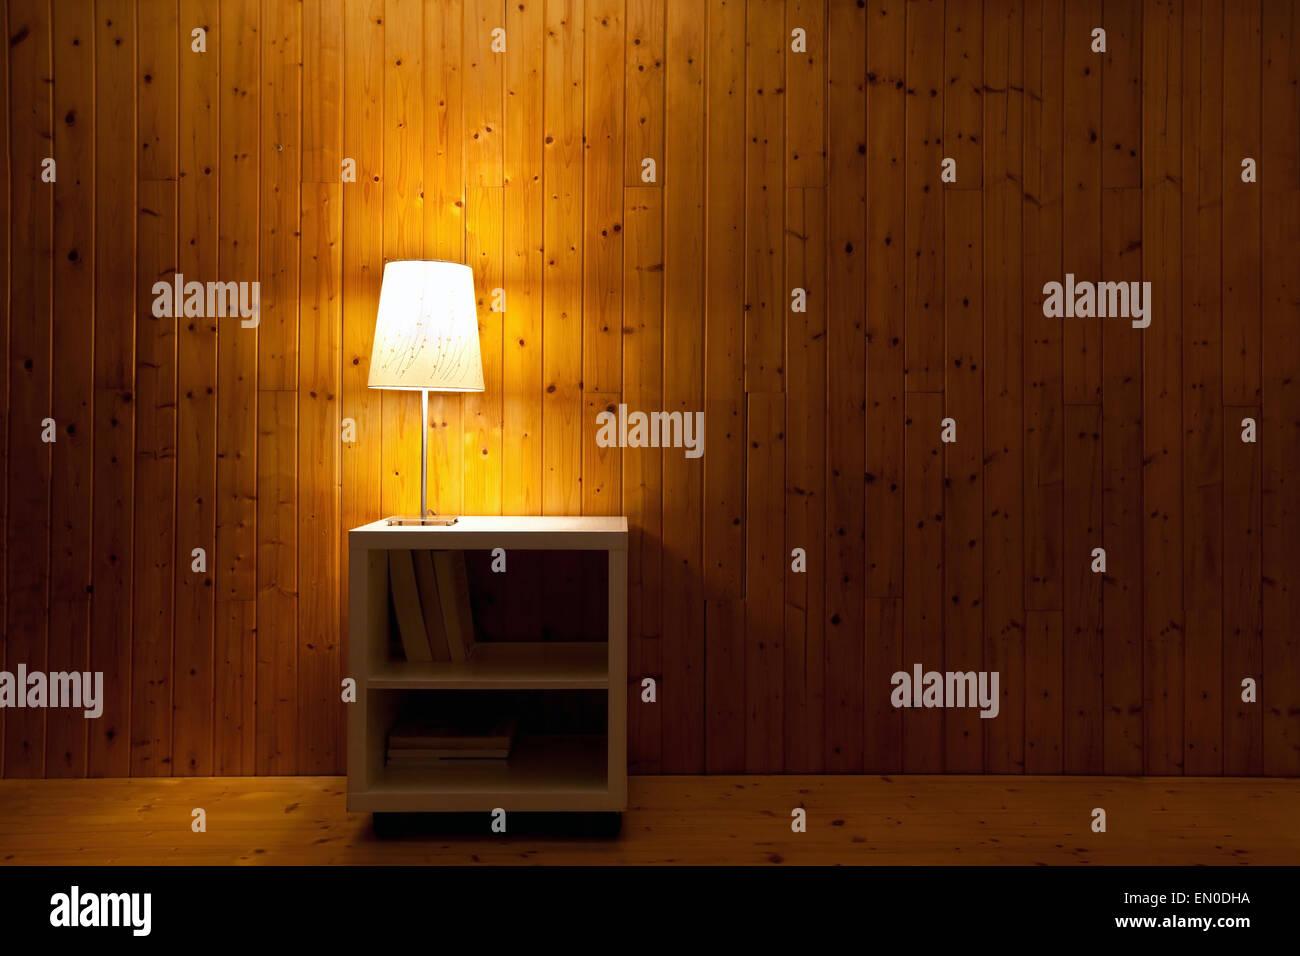 Buio interiore della camera, lampada luce nella notte Immagini Stock